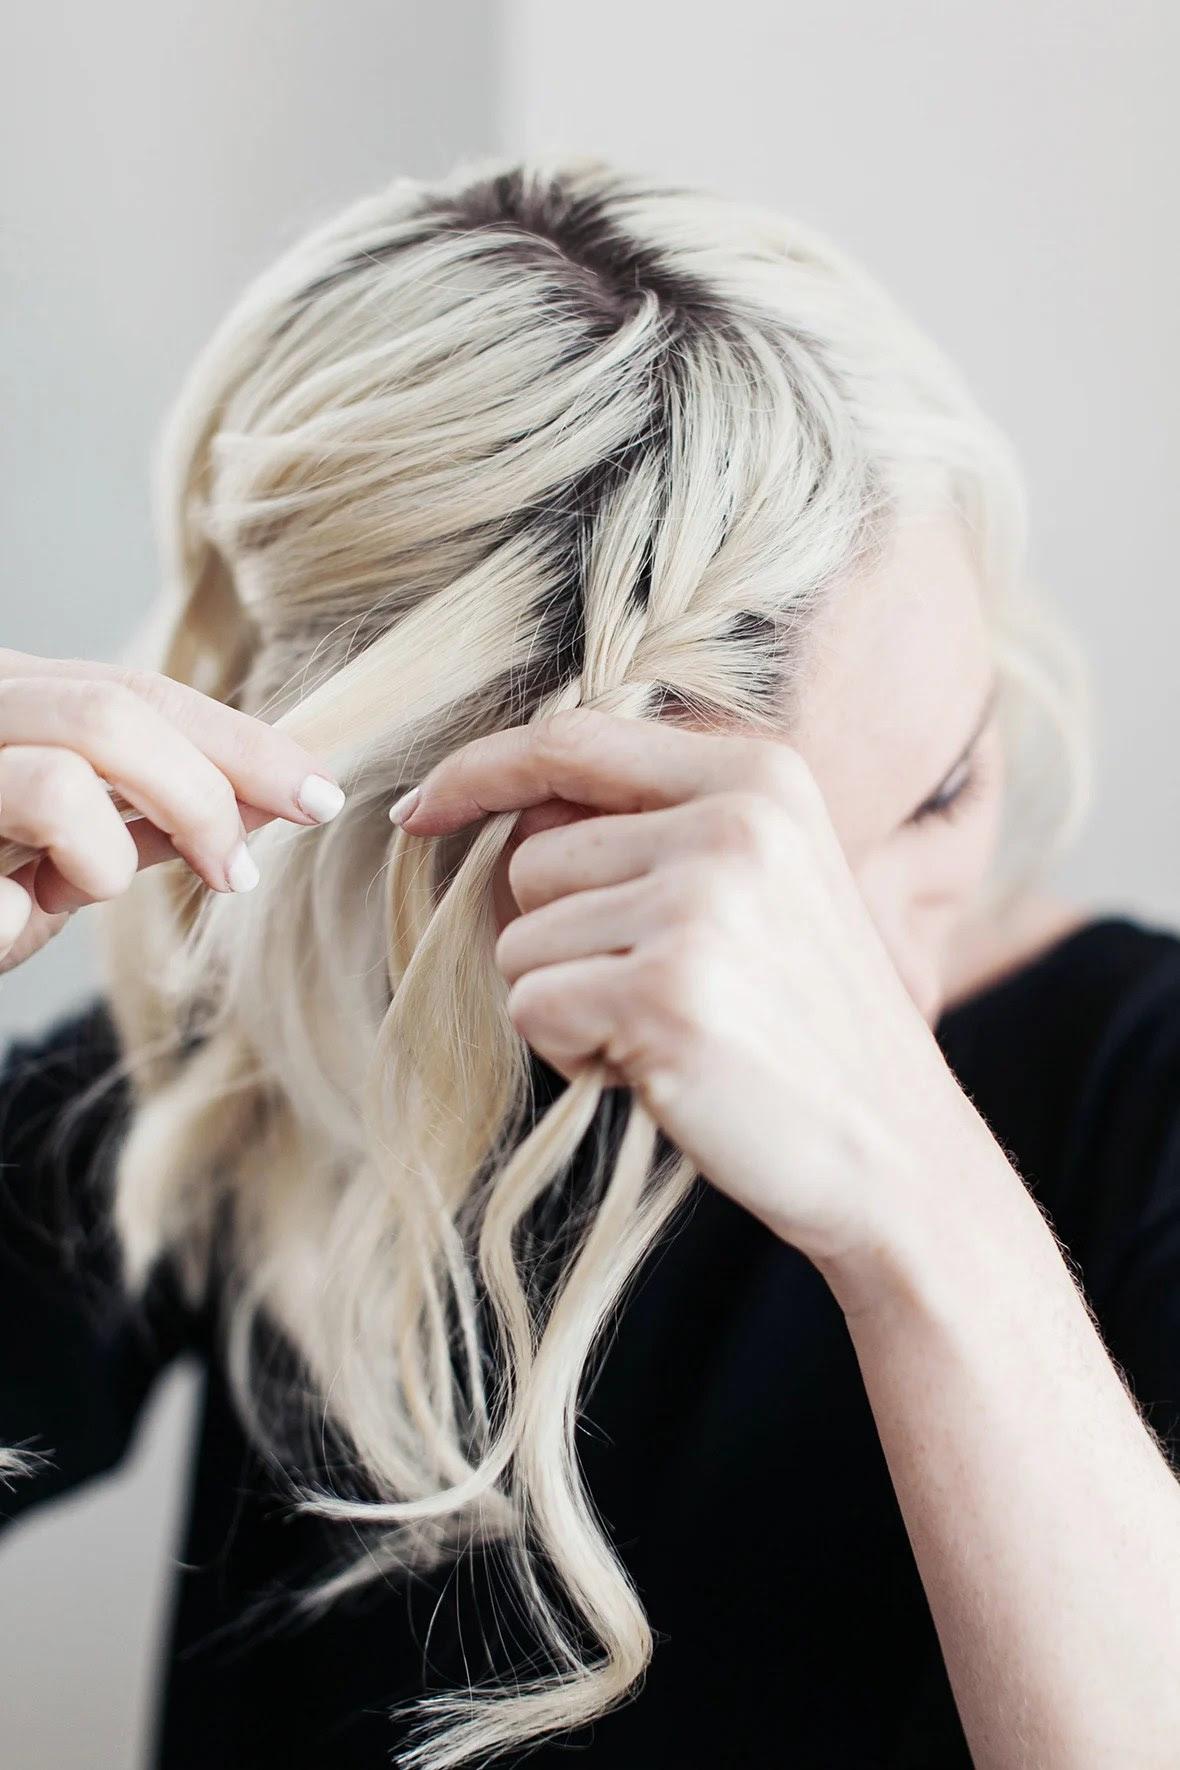 Locken Kurze Haare Anleitung Wie Haare Selber Flechten Mit Kurzen